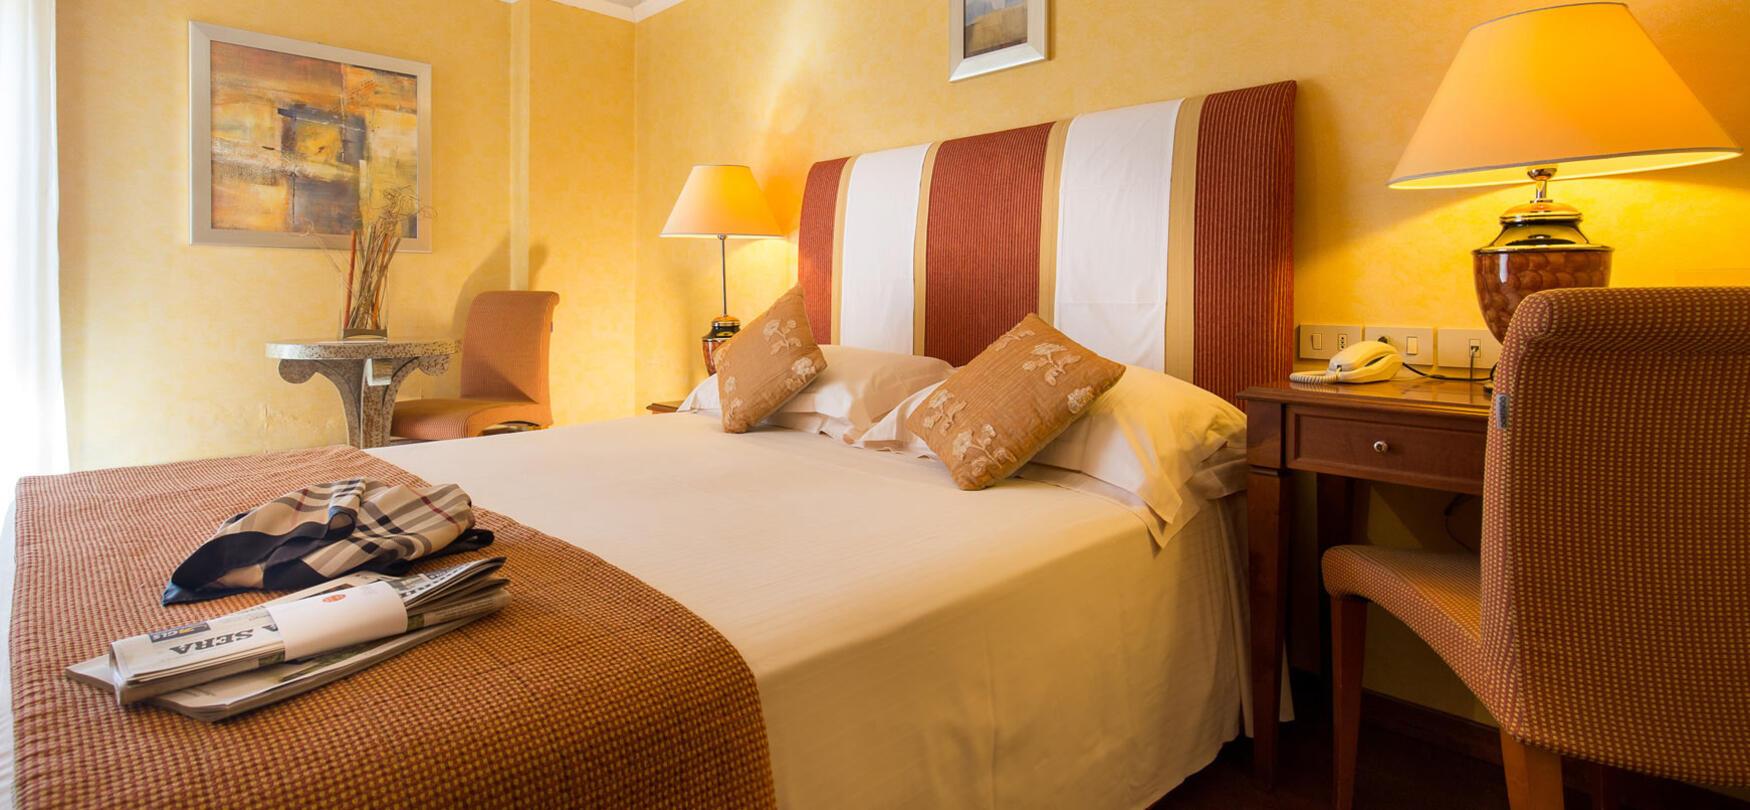 ambienthotels en rooms-hotel-peru 006